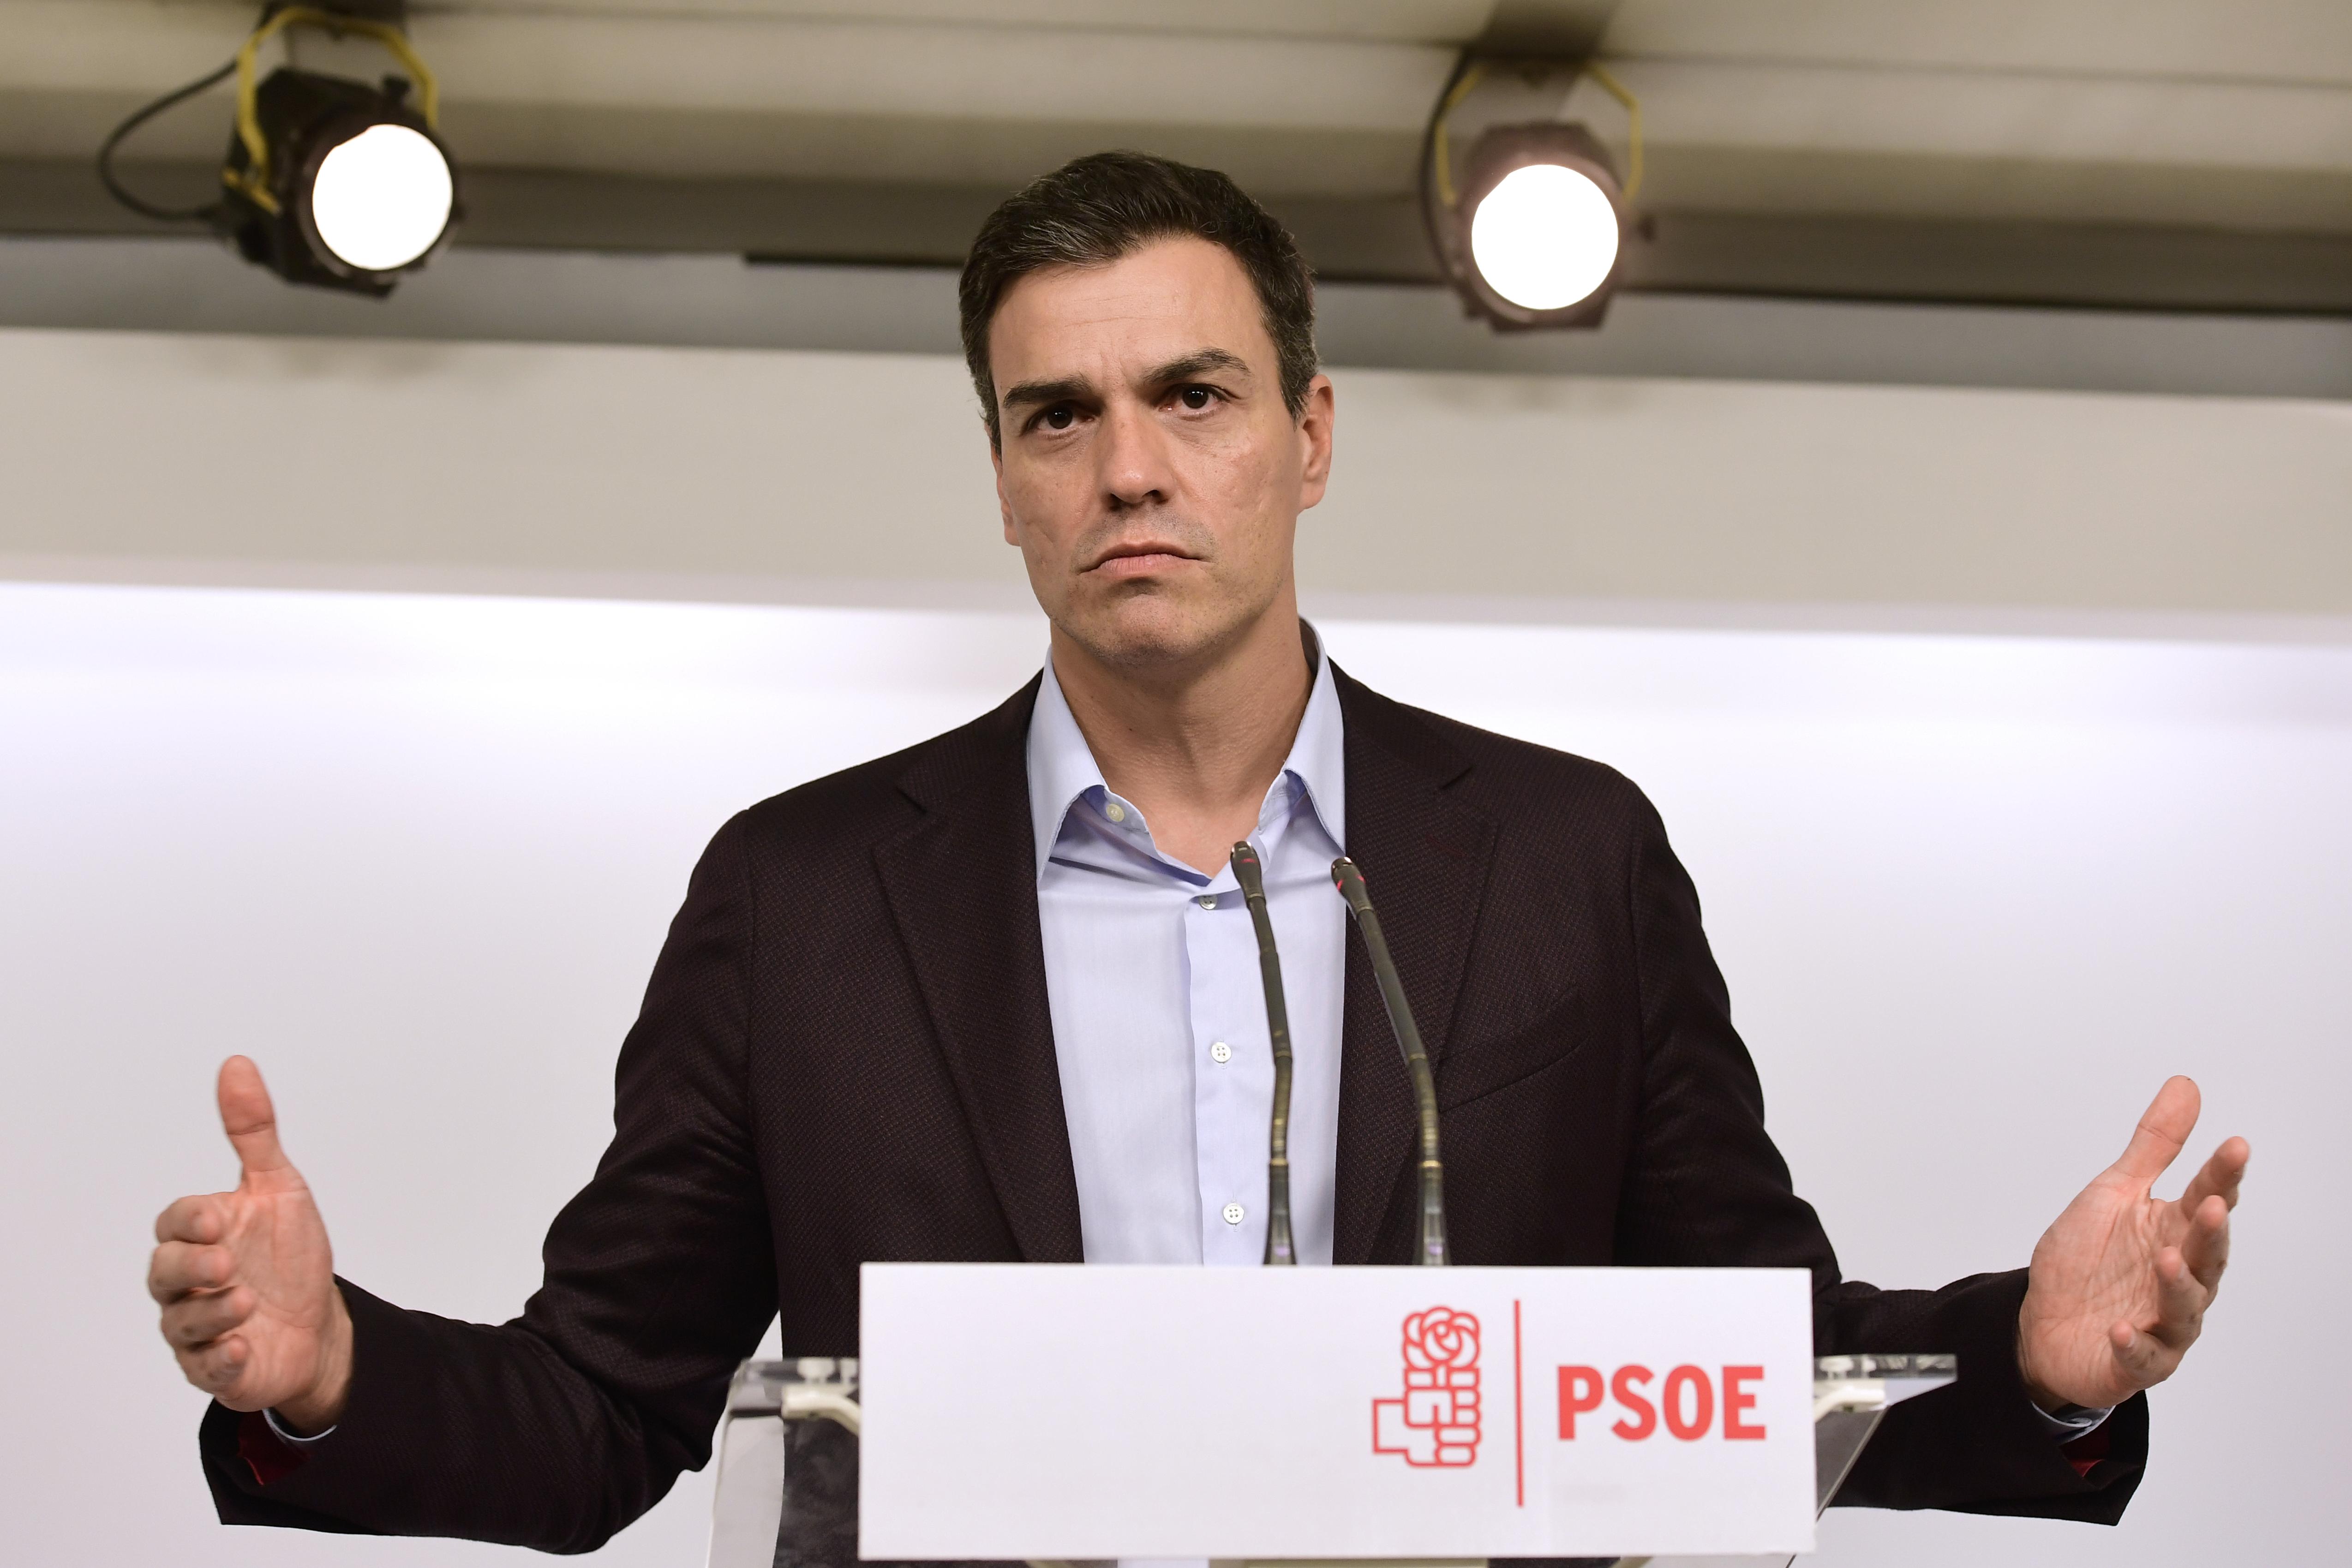 Letette az esküt a spanyolok új, szocialista miniszterelnöke